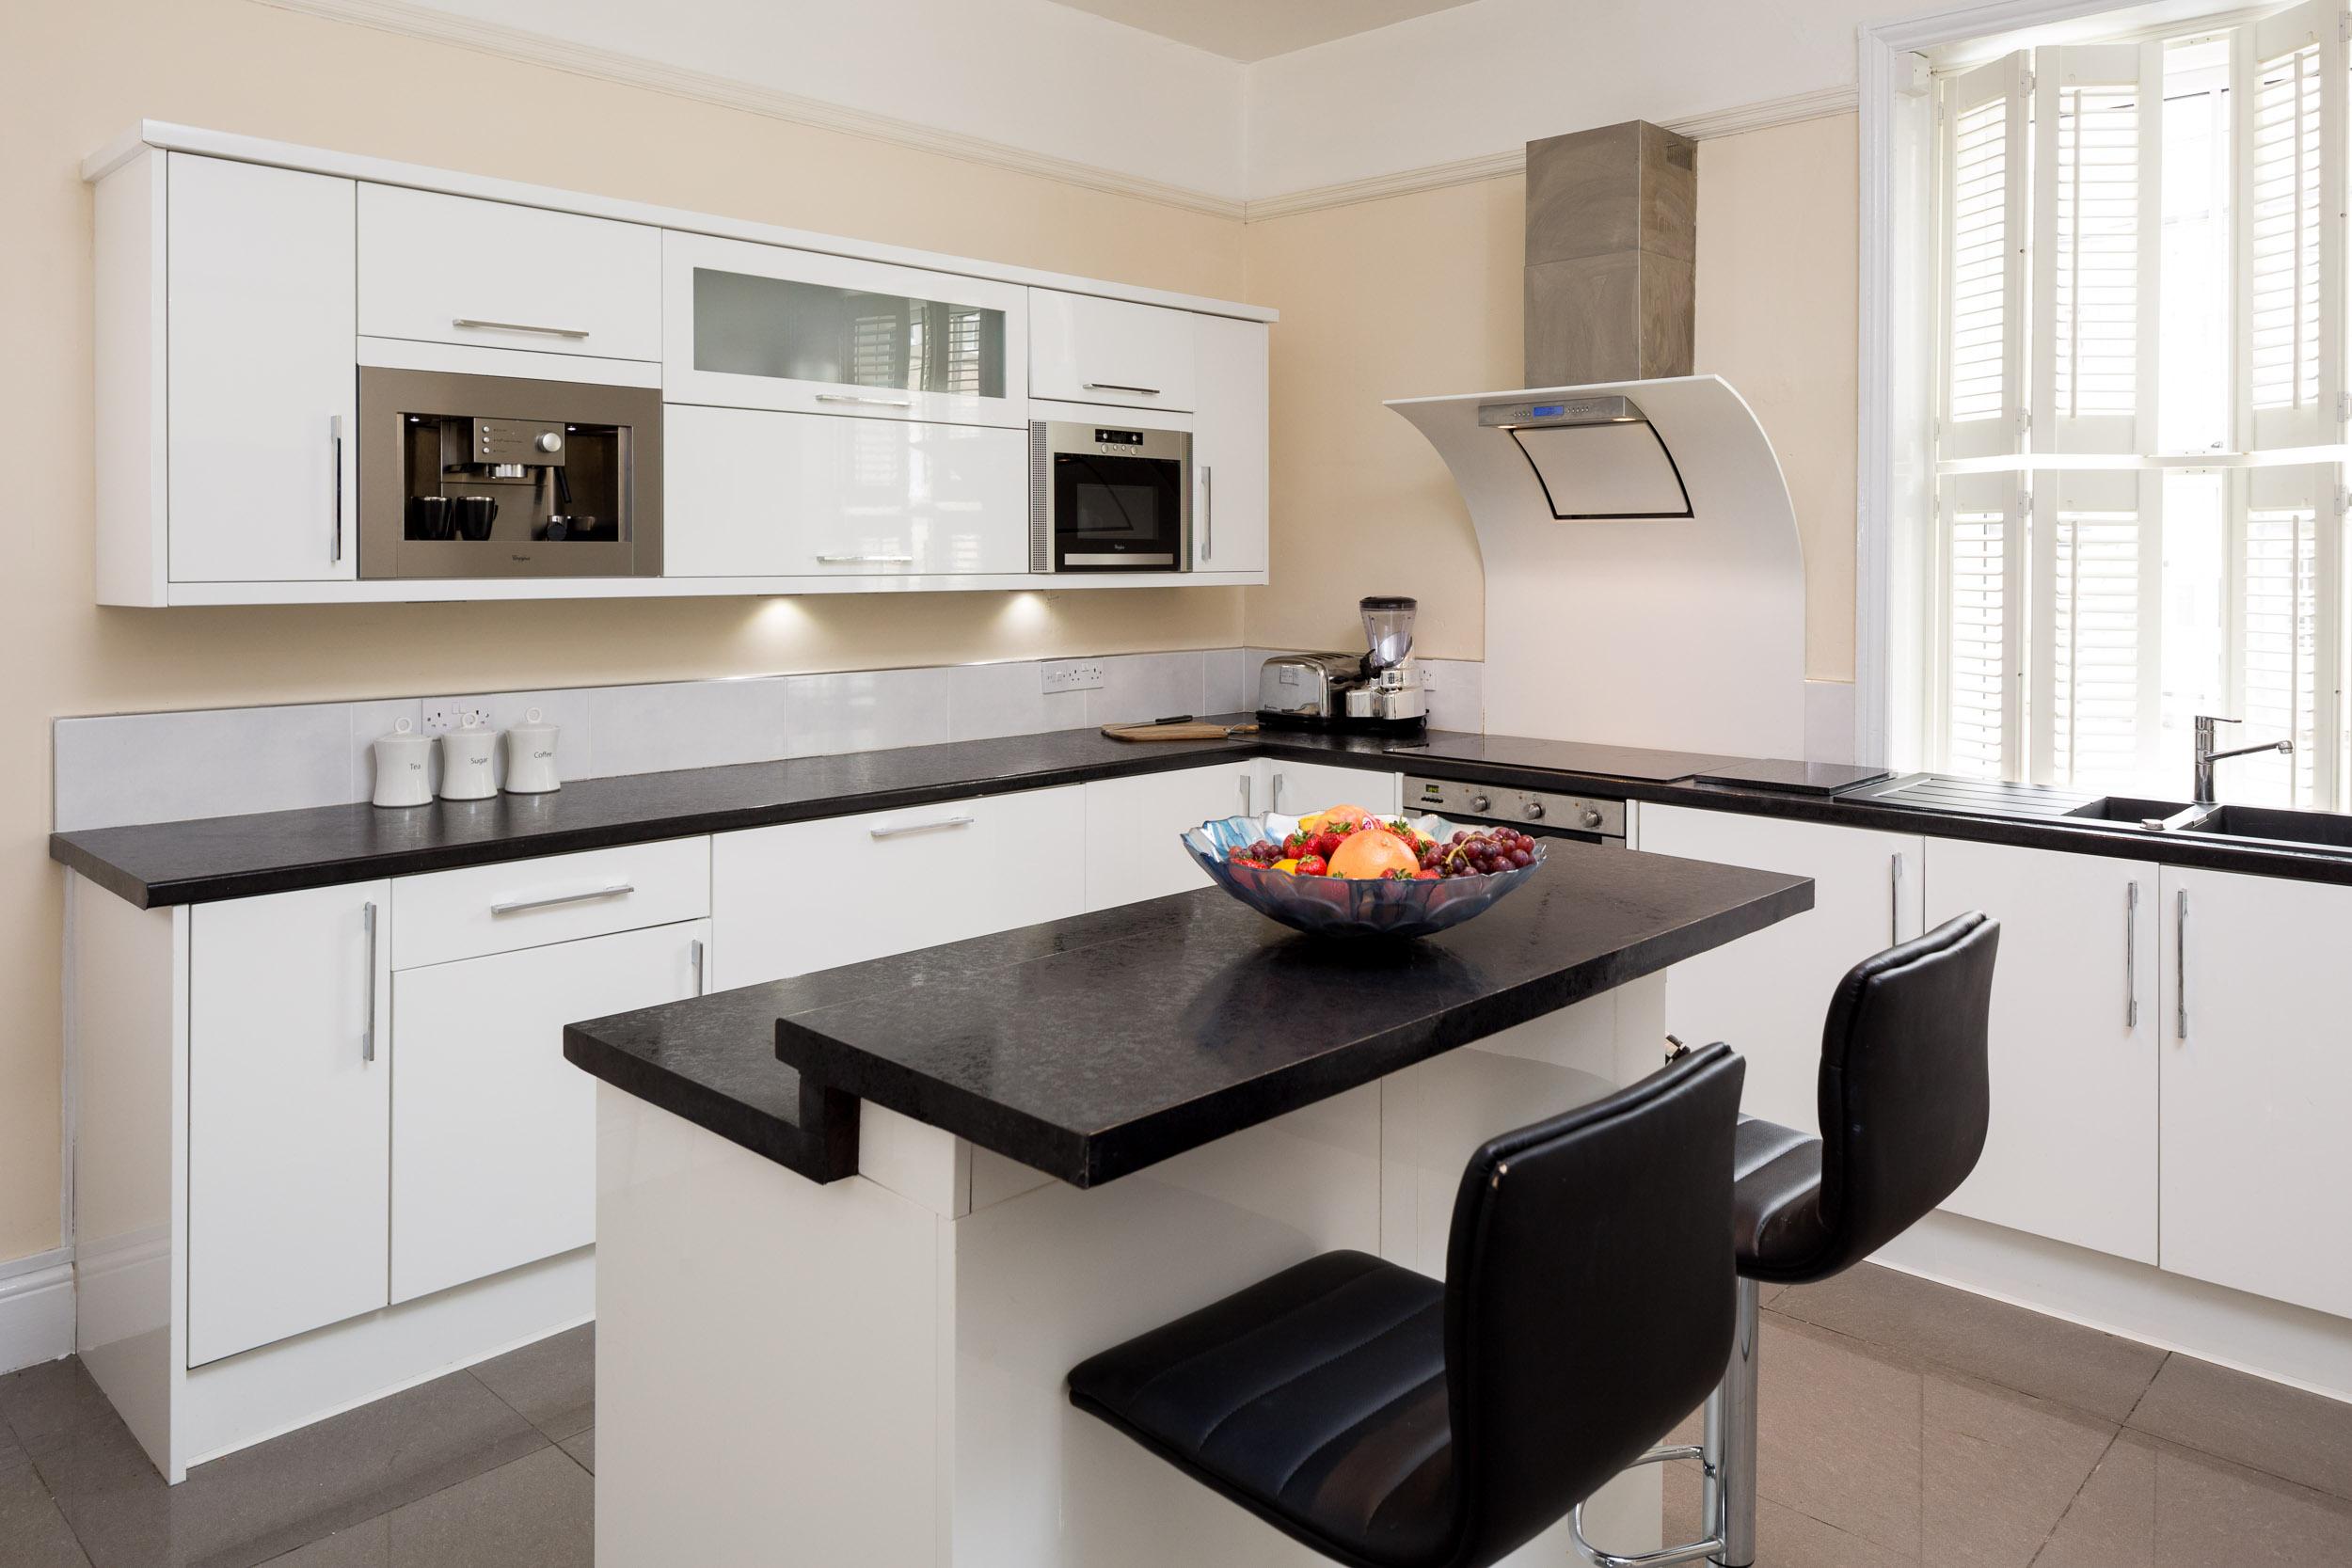 silsden residential property kitchen interior.jpg